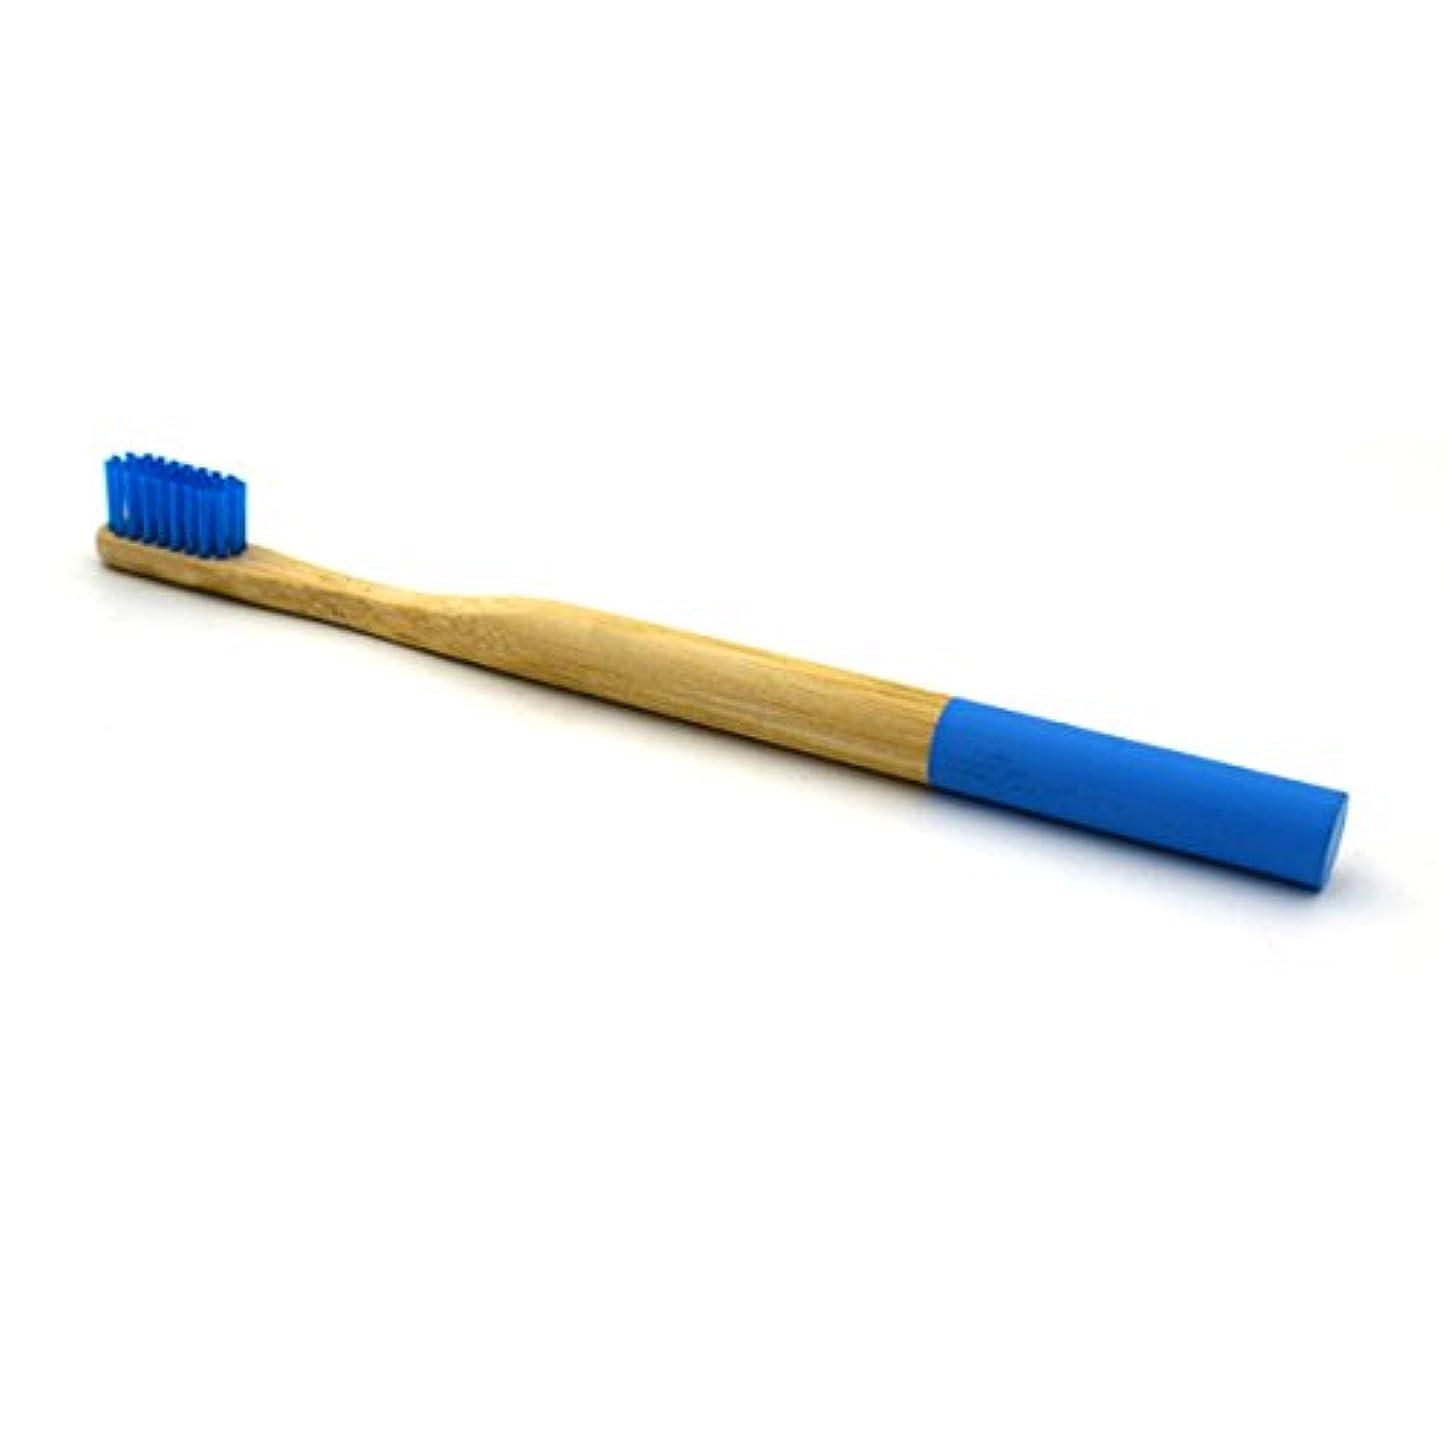 ふつう気づかない果てしないSUPVOX タケ歯ブラシの円形のハンドルの自然なEcoの友好的で柔らかい剛毛旅行歯ブラシ